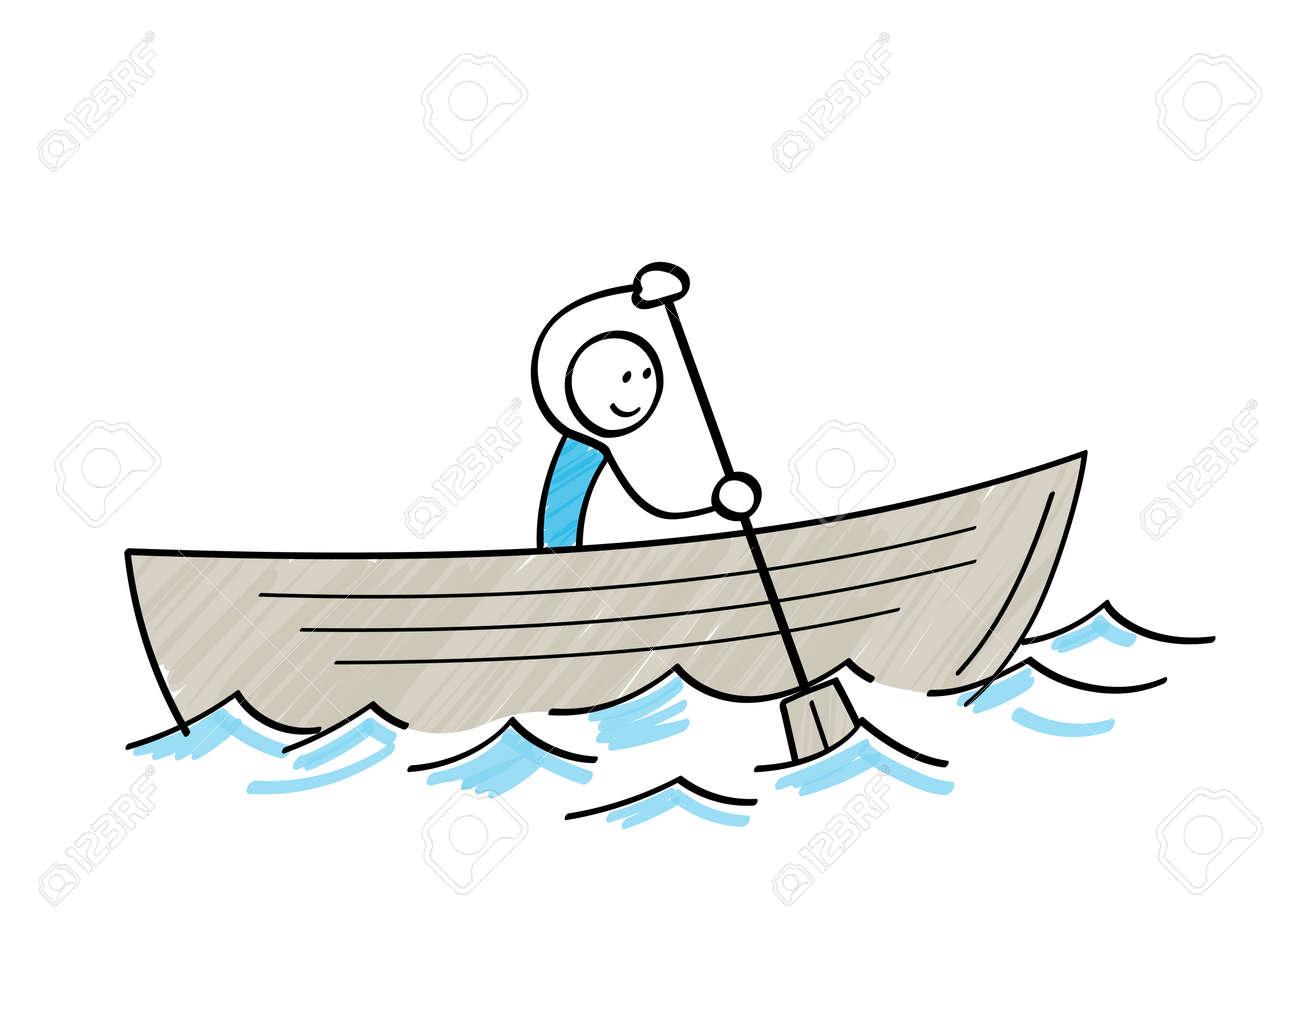 Stickman sailing in a boat - 168407325